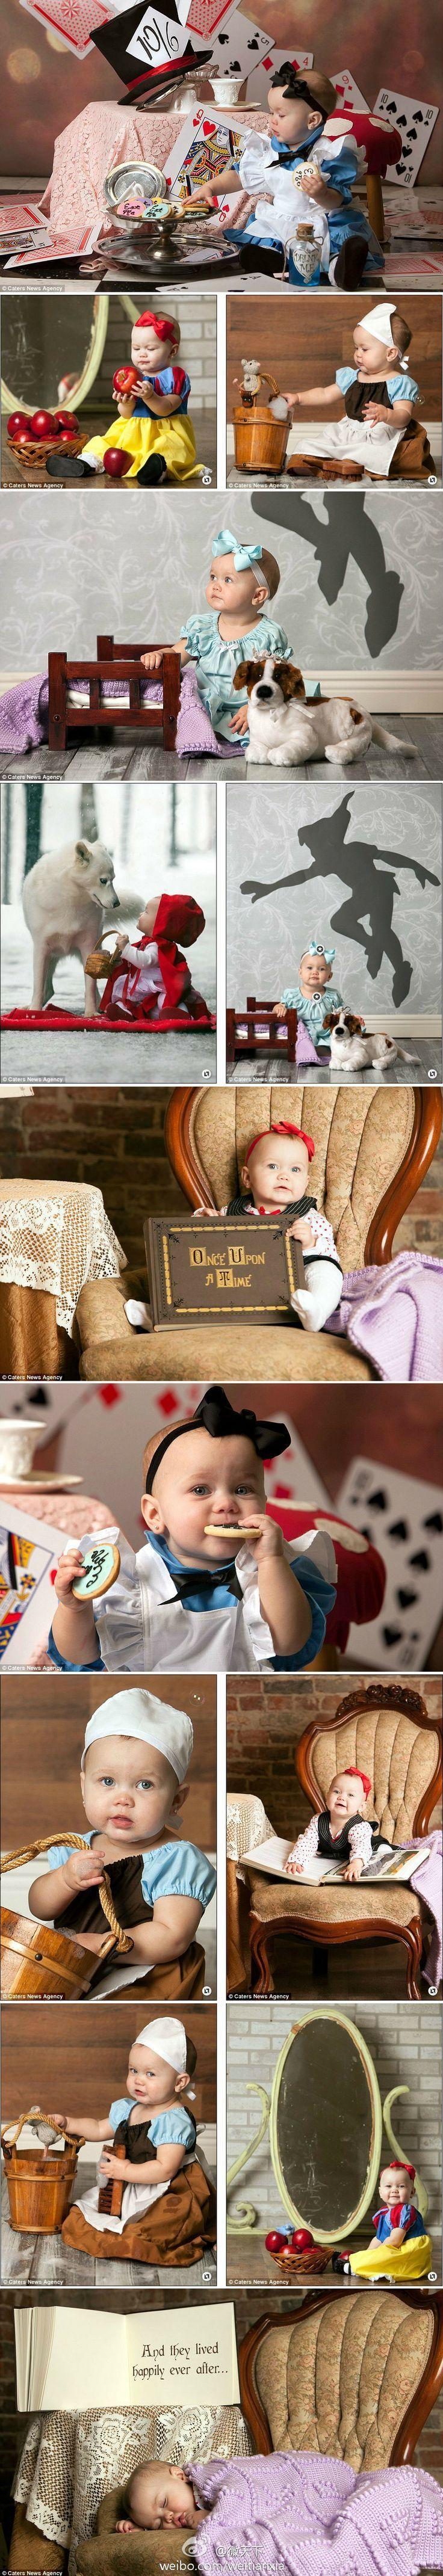 die besten 25 lustige schwangerschaftsbilder ideen auf pinterest lustige. Black Bedroom Furniture Sets. Home Design Ideas